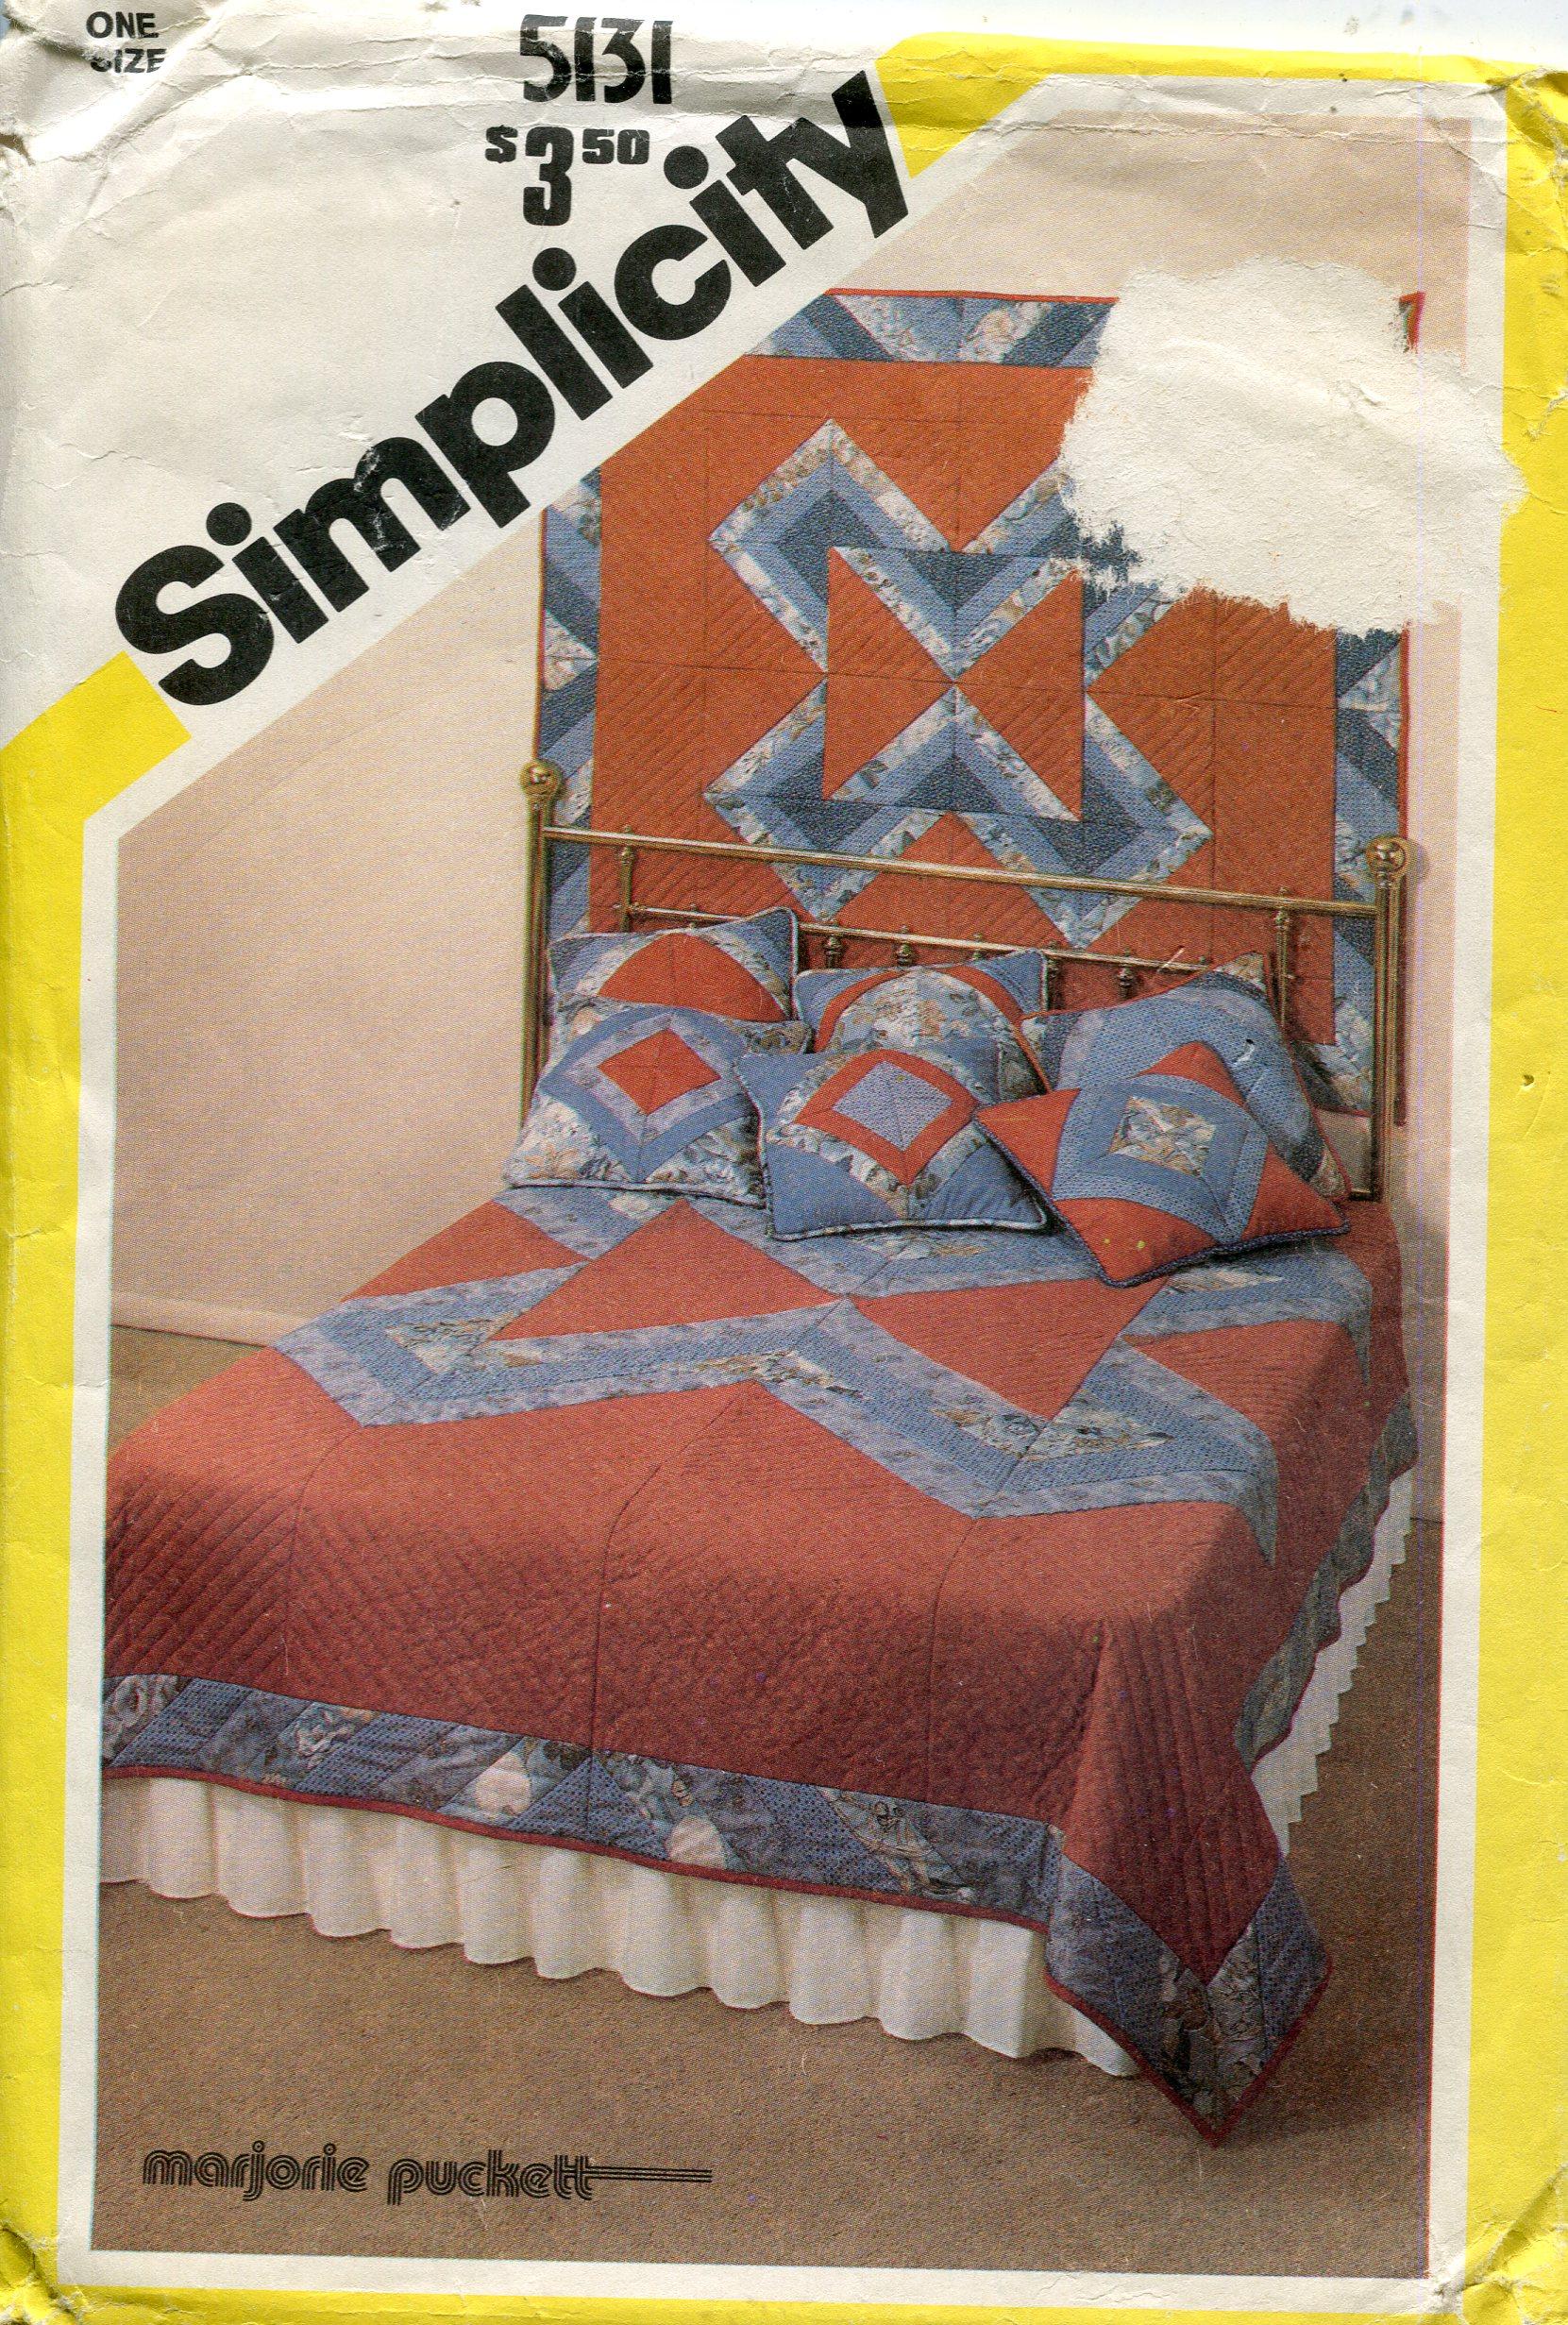 Simplicity 5131 A